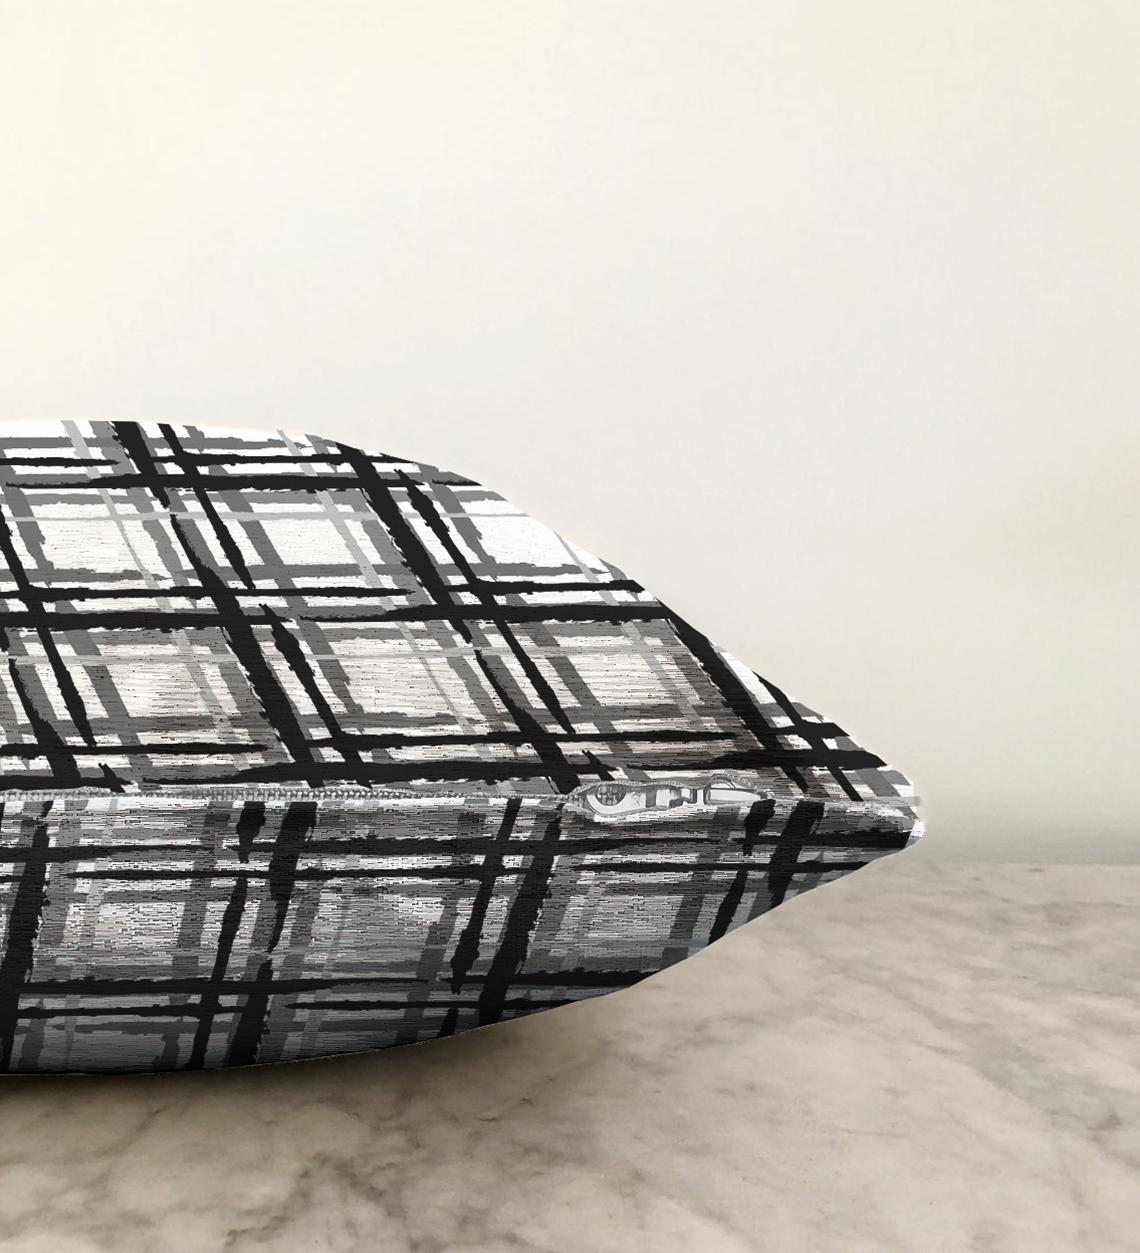 Izgara Zeminde Gri Tonlama Dijital Baskılı Çift Taraflı Özel Tasarım Şönil Kırlent Kılıfı - 55 x 55 cm Realhomes